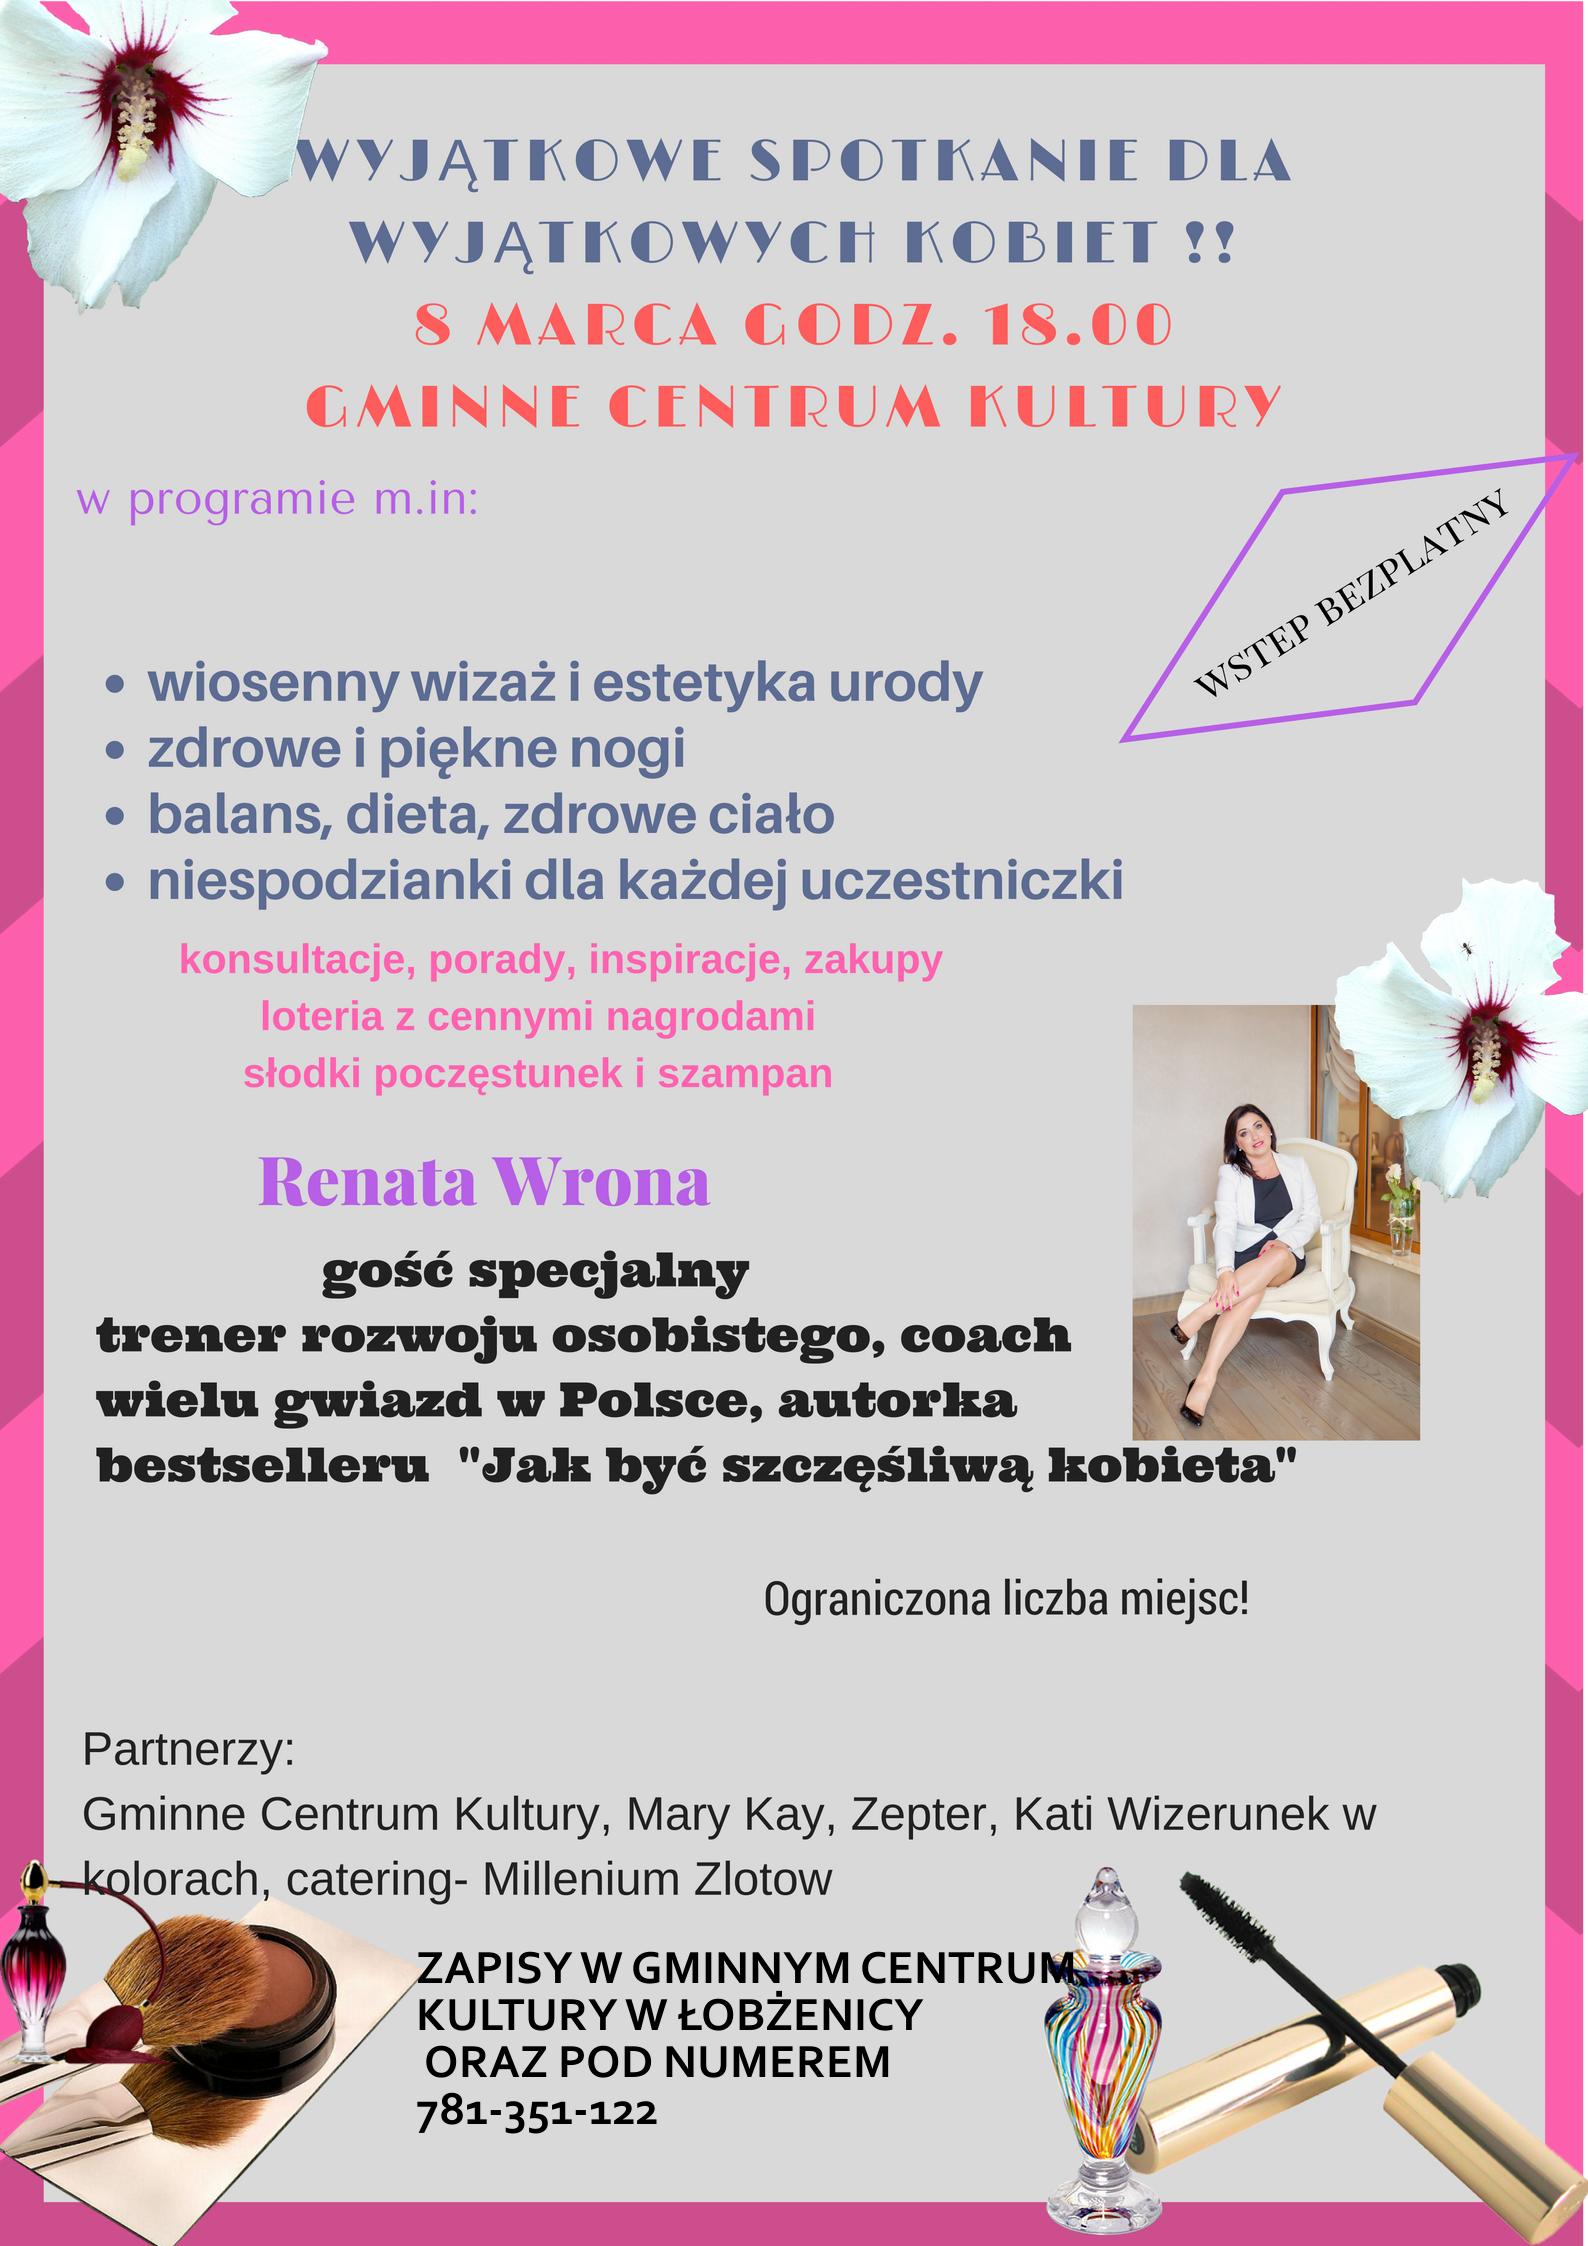 - plakat_kobiecosc_w_lobzenicy.png